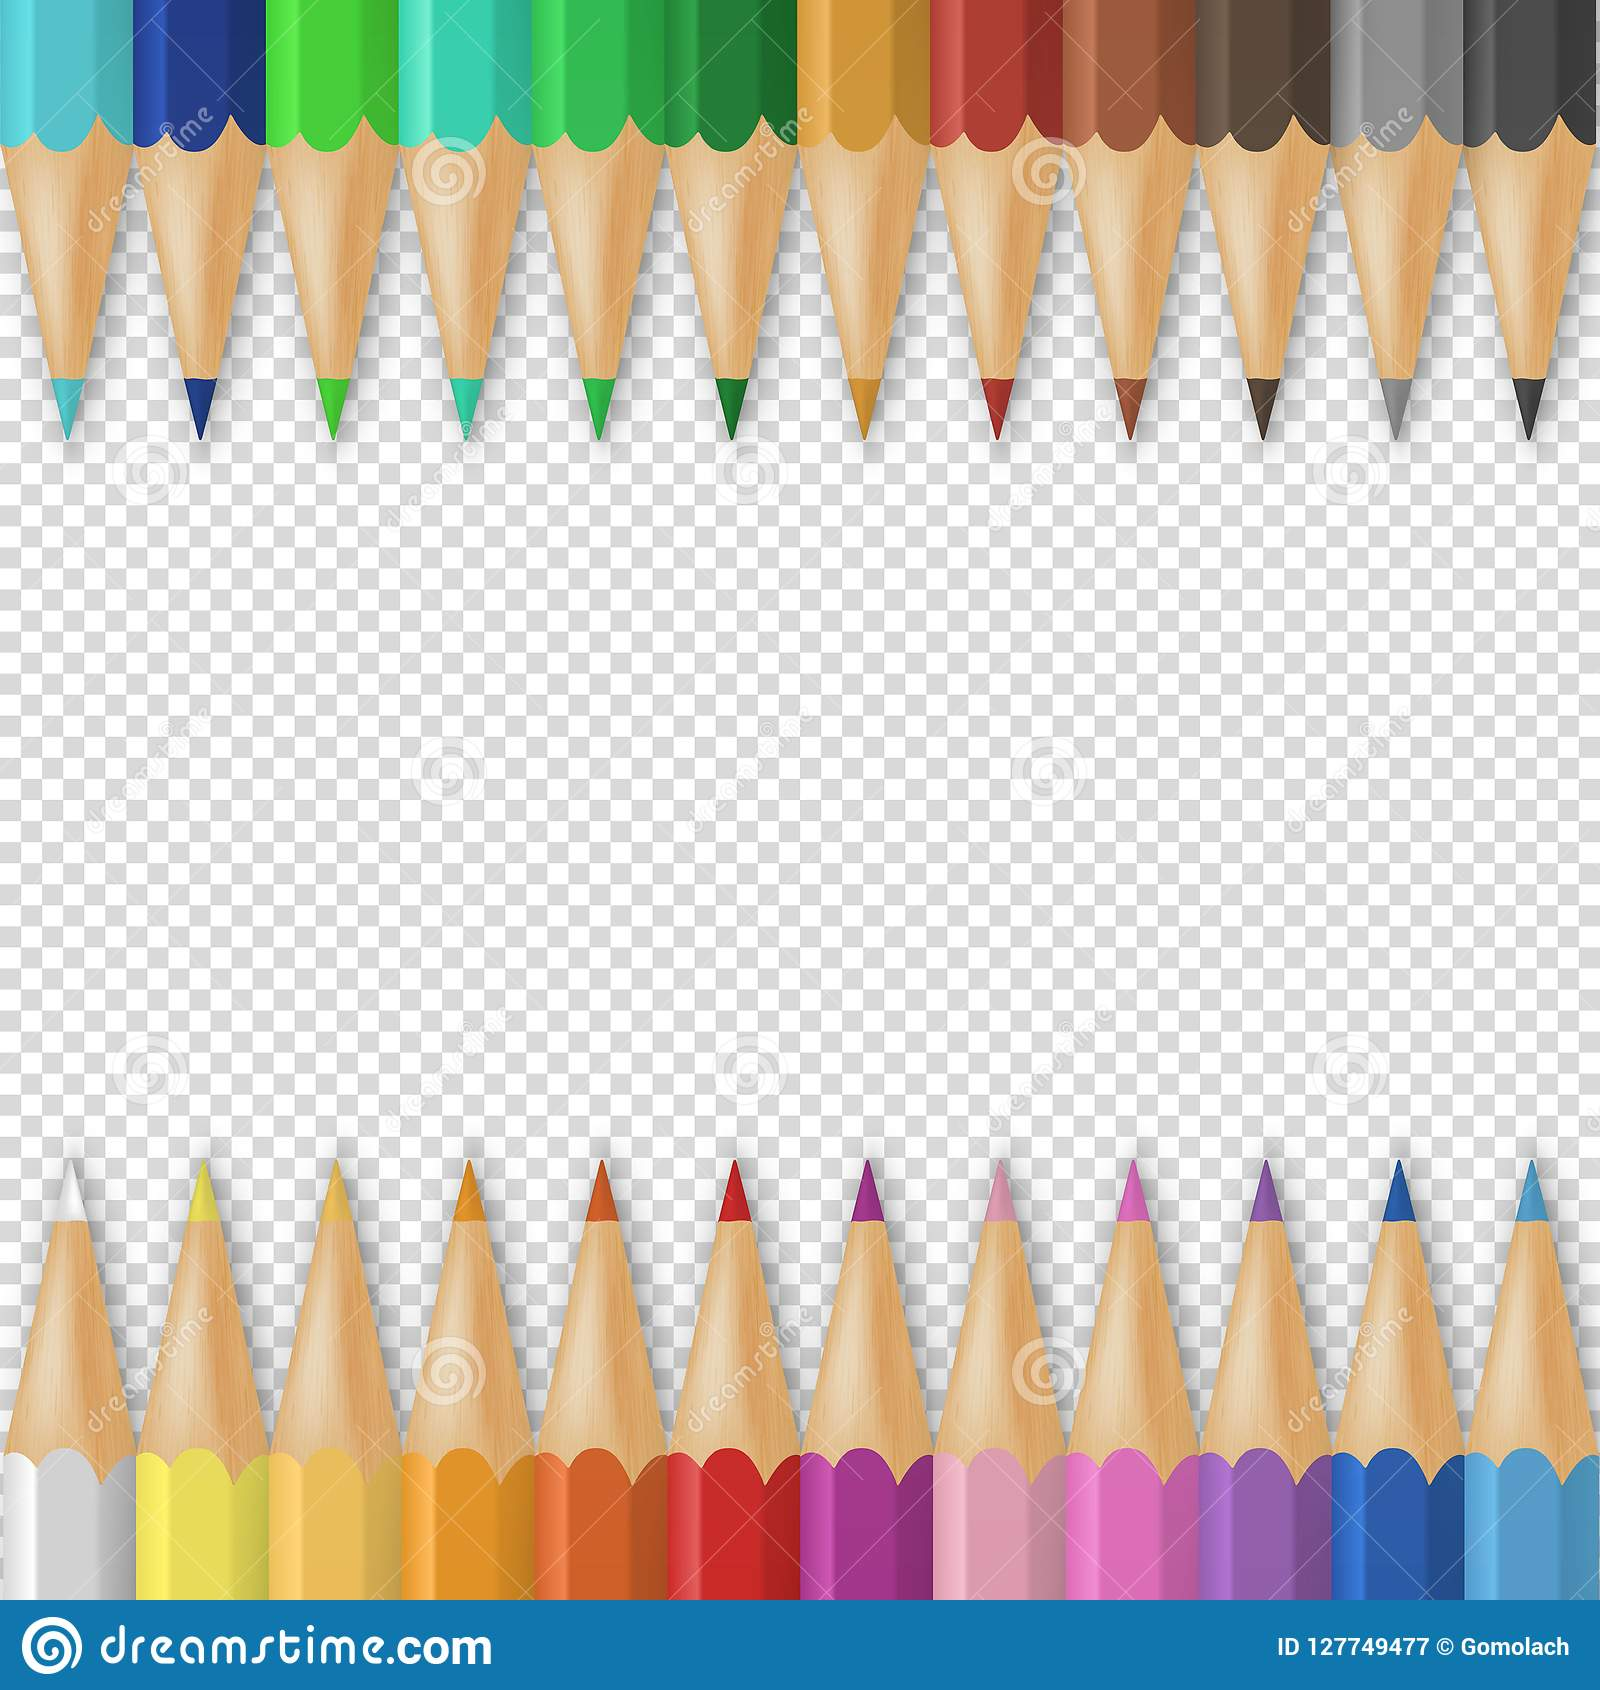 Vector o fundo com os lápis 3D ou os pastéis coloridos coloridos de madeira realísticos no fundo da grade da transparência com